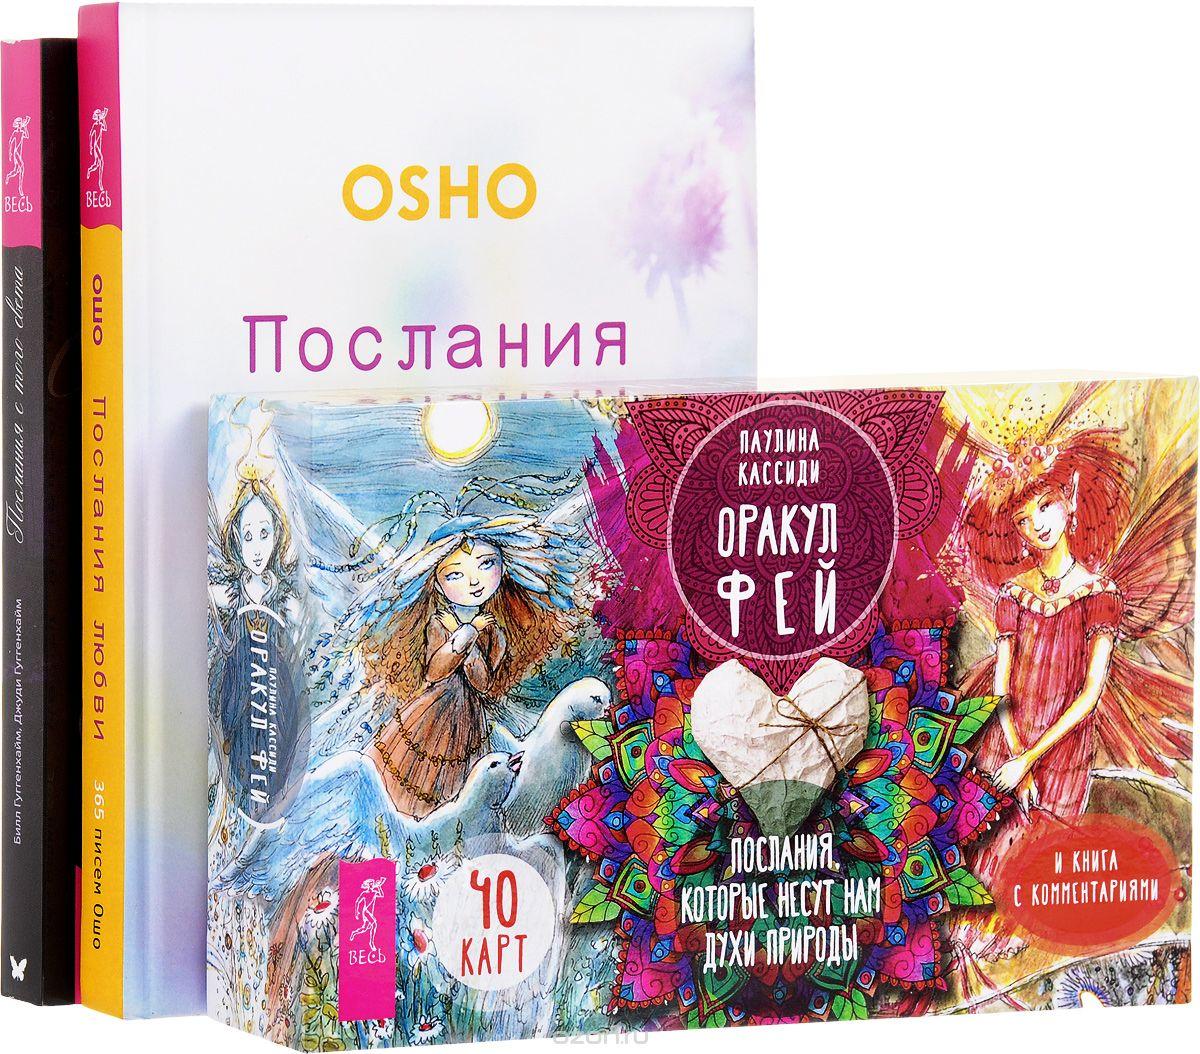 Паулина Кассиди: Оракул фей. Послания с того света. Послания любви (комплект из 3 книг + колода из 40 карт)